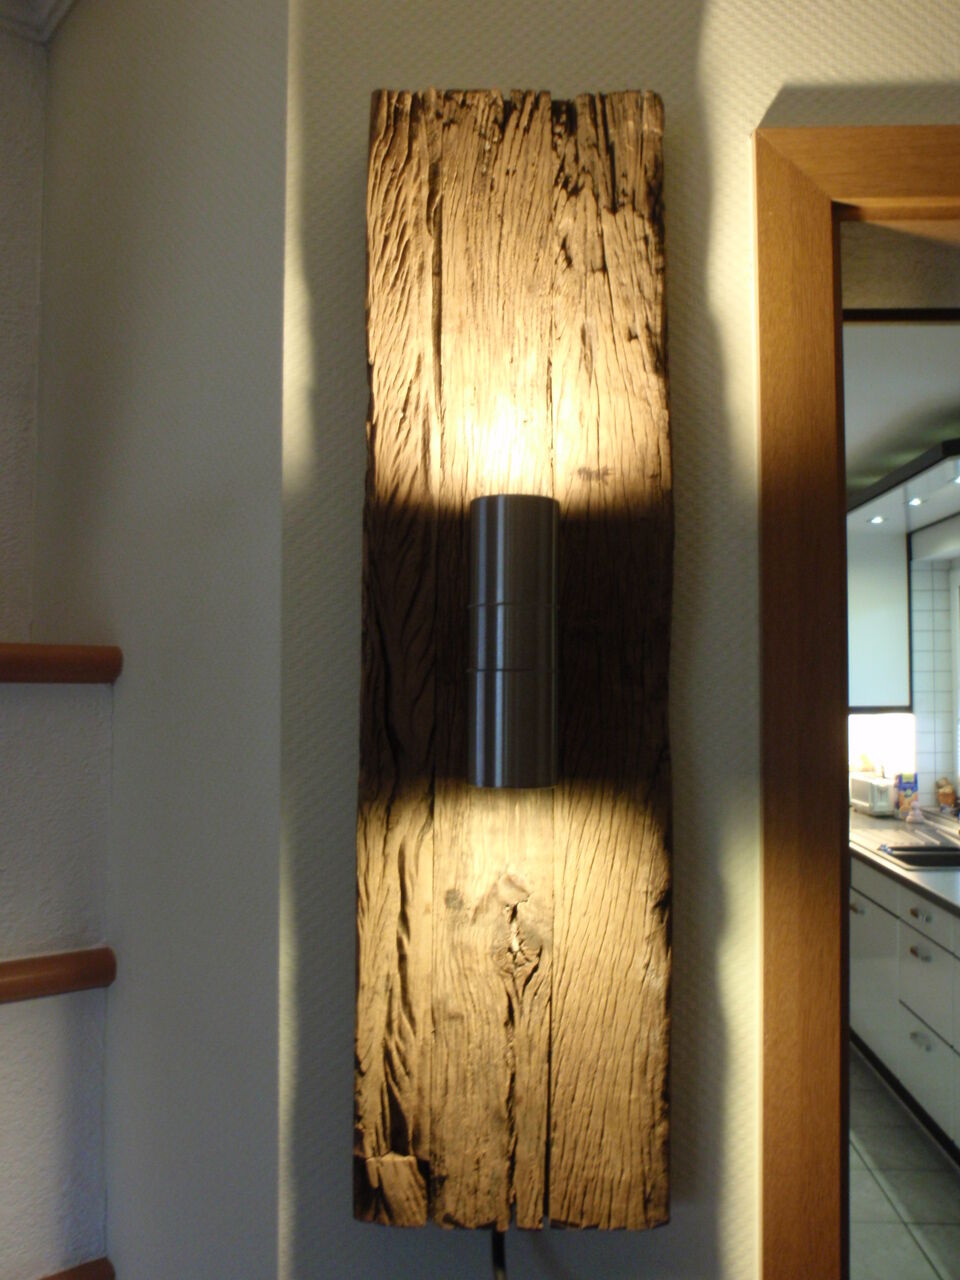 design wandlampe wandstrahler wandleuchte 55 cm aus historischem holz gefertigt eur 83 00. Black Bedroom Furniture Sets. Home Design Ideas